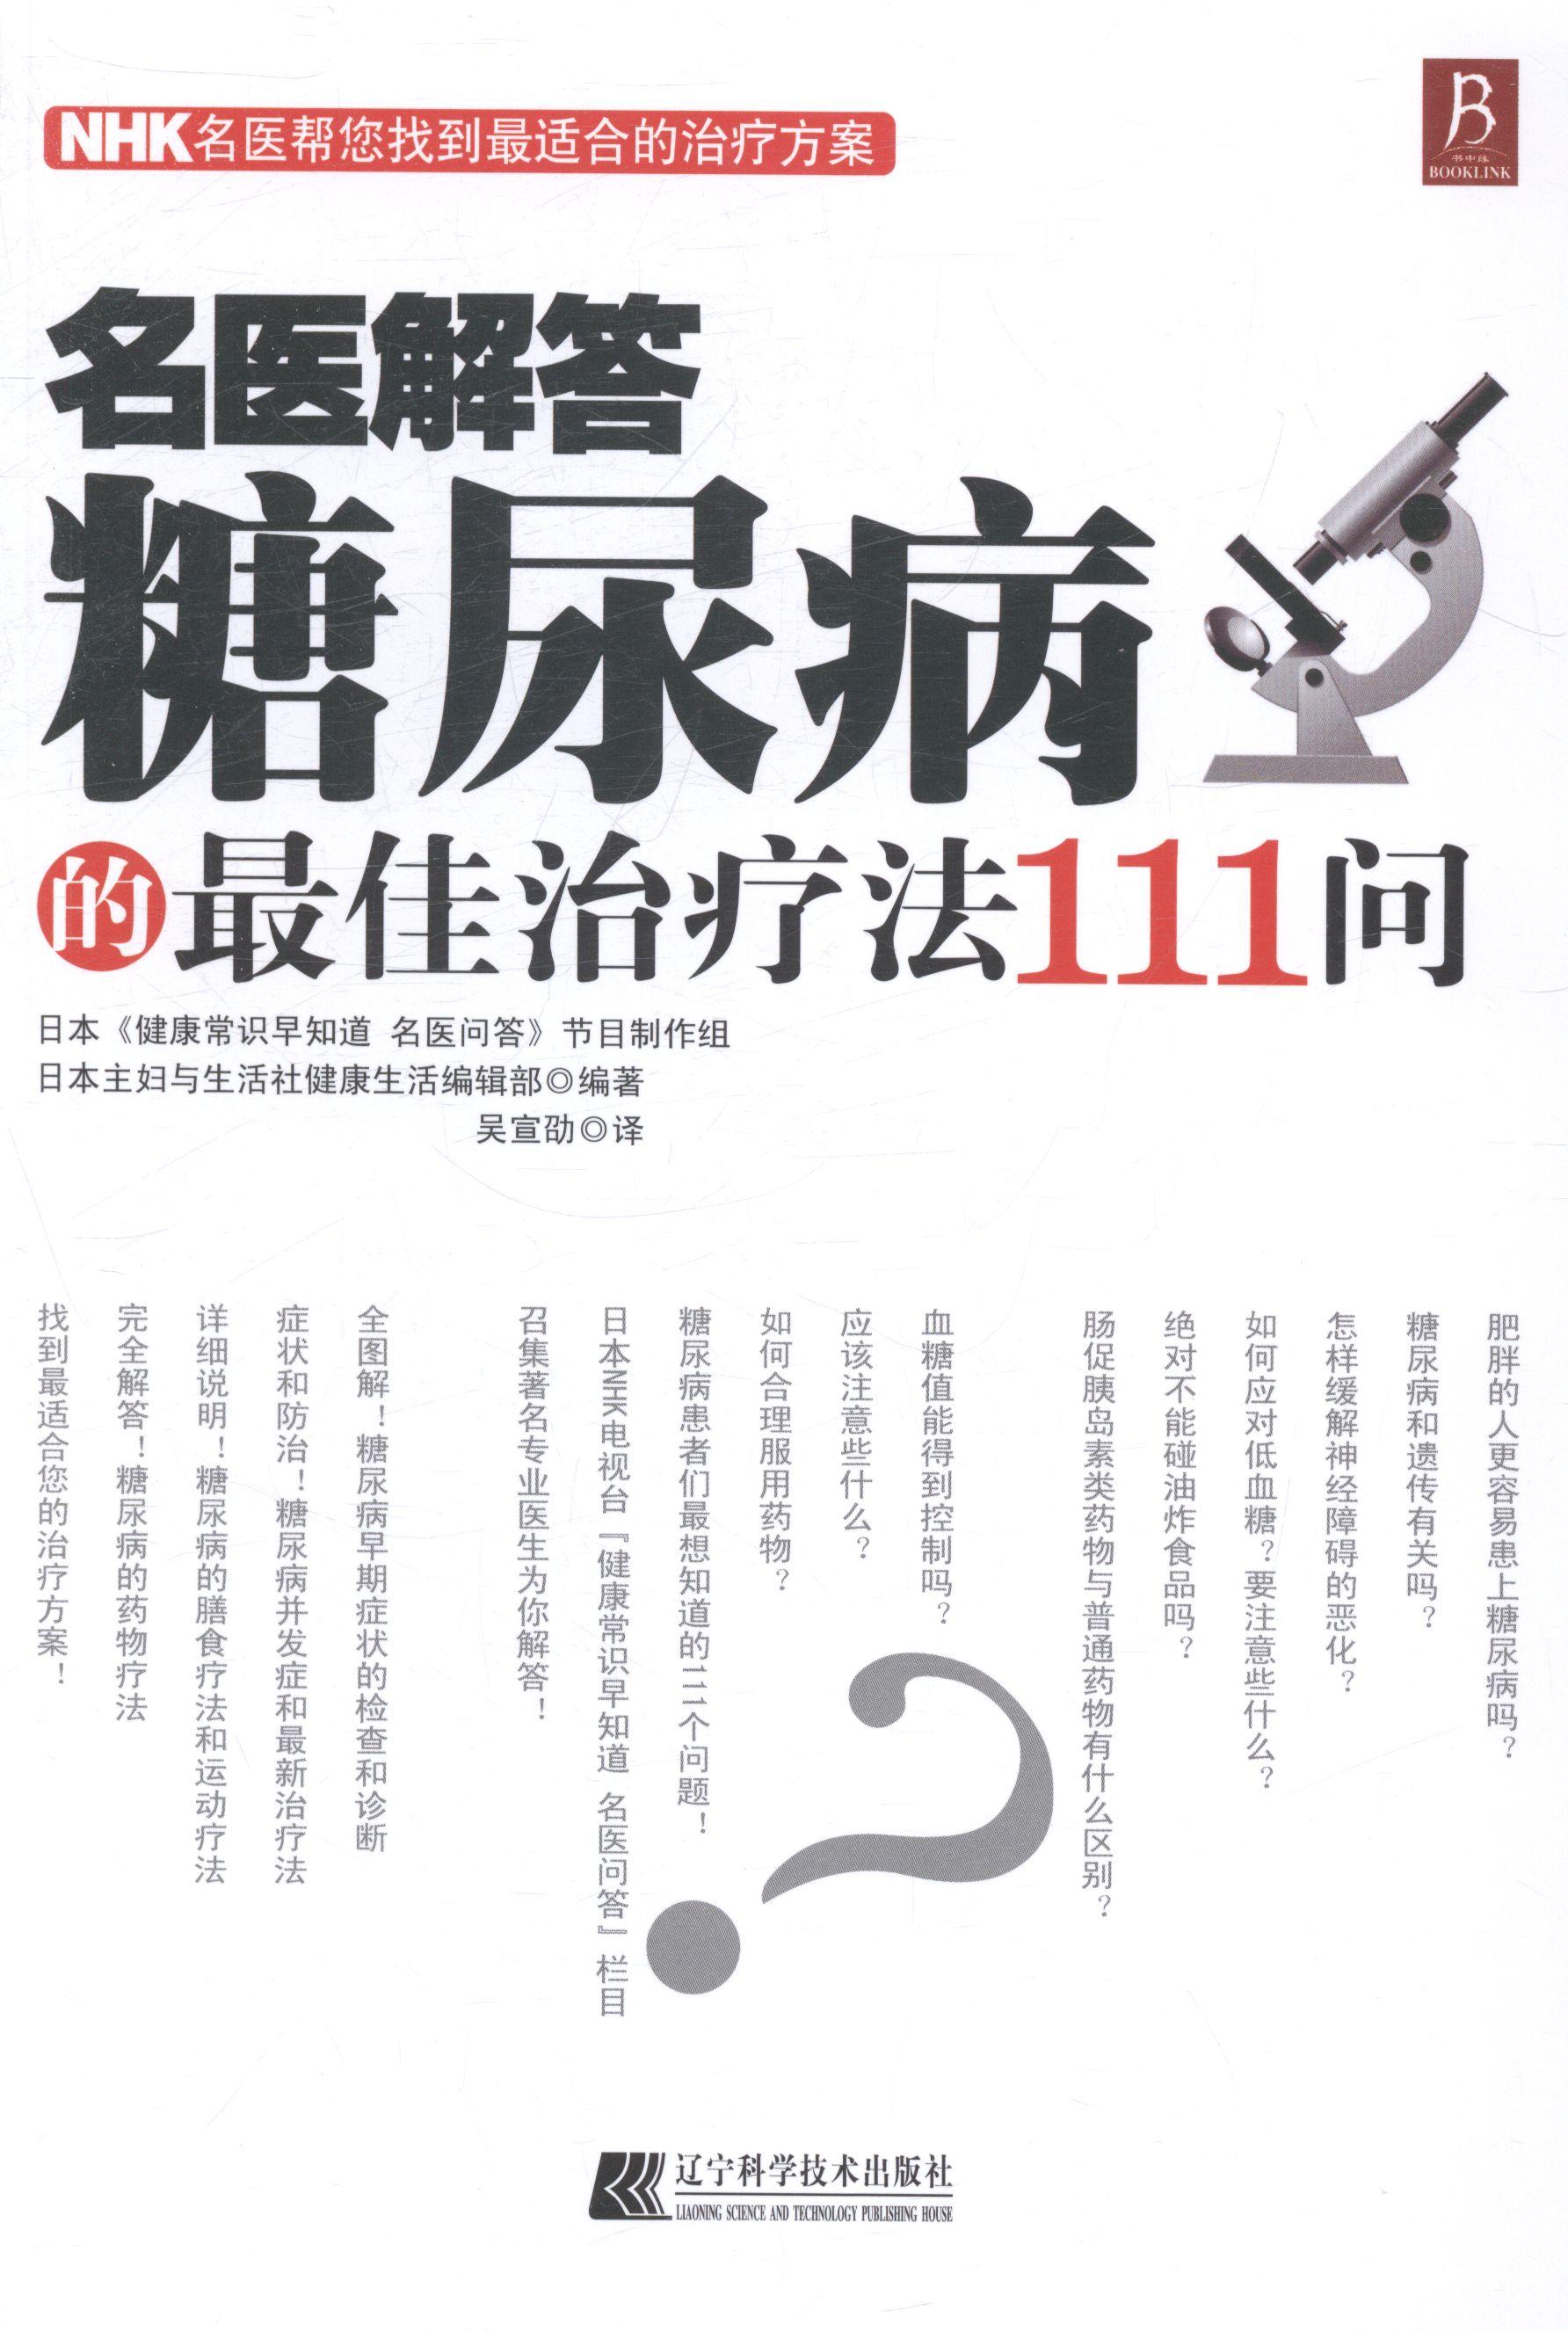 正版图书 名医解答糖尿病的法111问 辽宁科学技术出版社 常见病防预与治疗 辽宁科技